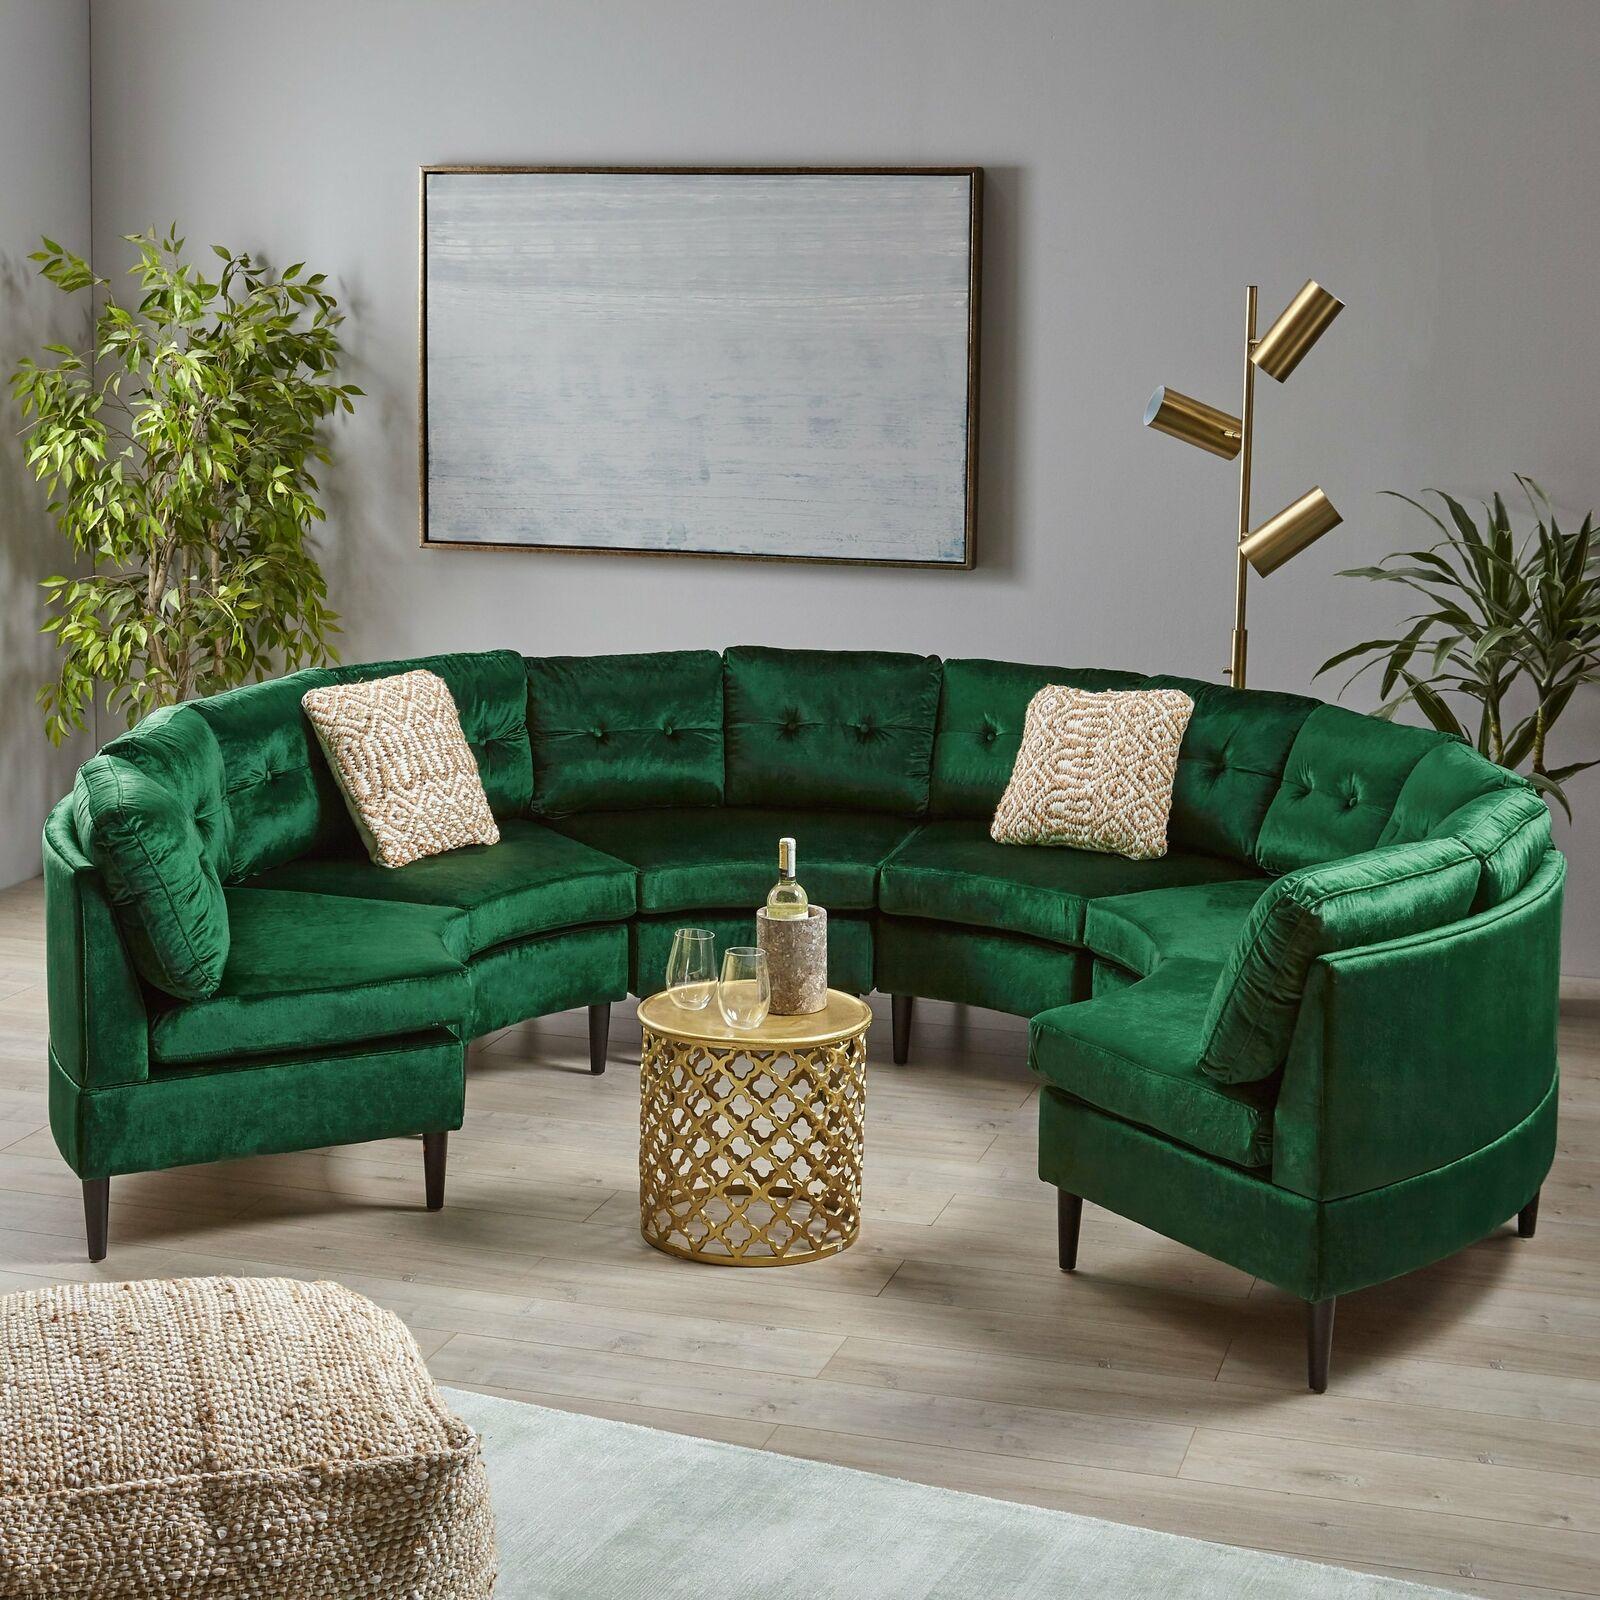 Modesty Glam Velvet Modular 6 Seater Sectional Furniture